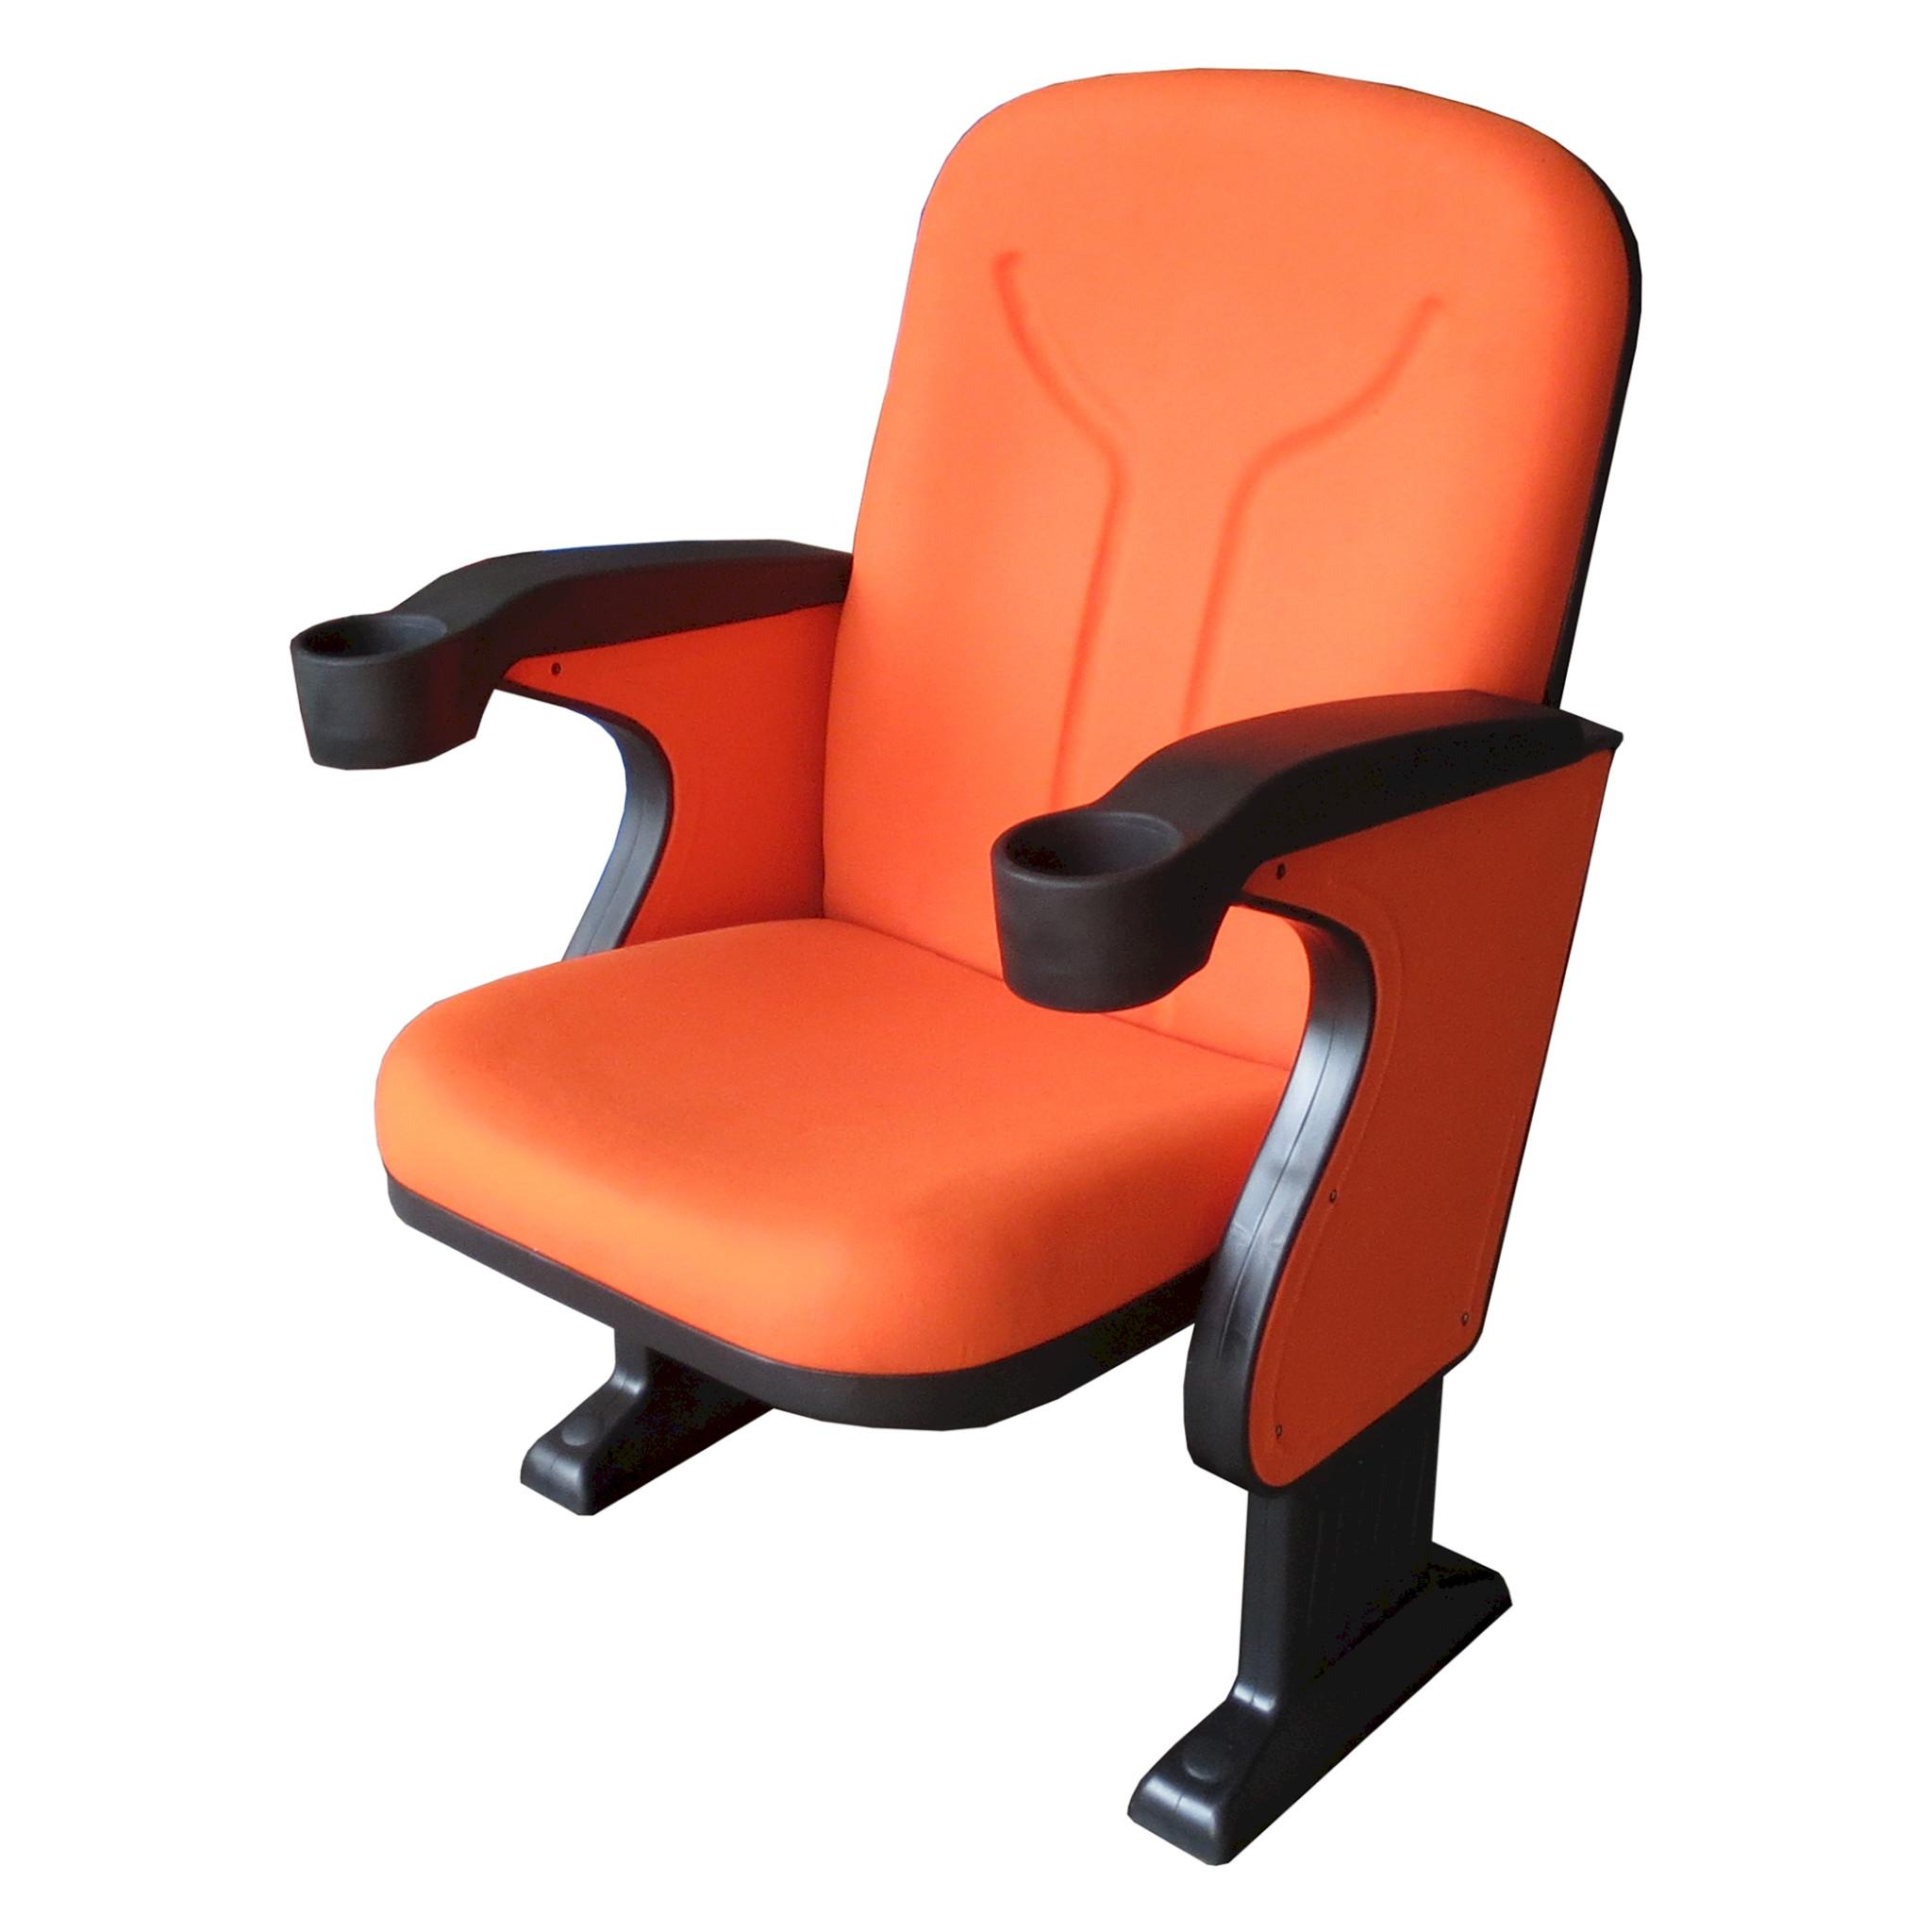 PABLO Series - Auditorium, Theatre, Cinema Chair - Turkey - Seatorium - Public Seating Manufacturer